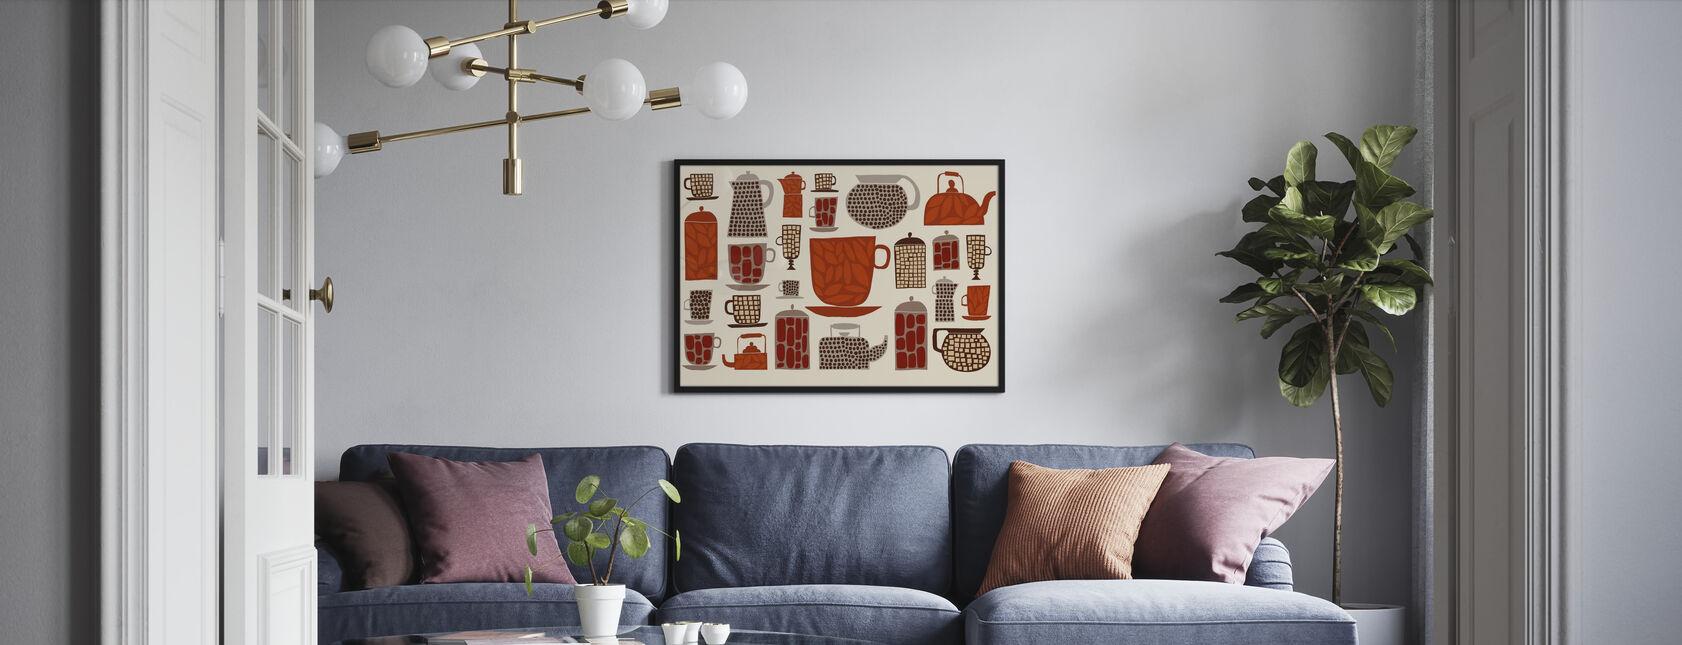 Retro Küche I - Poster - Wohnzimmer